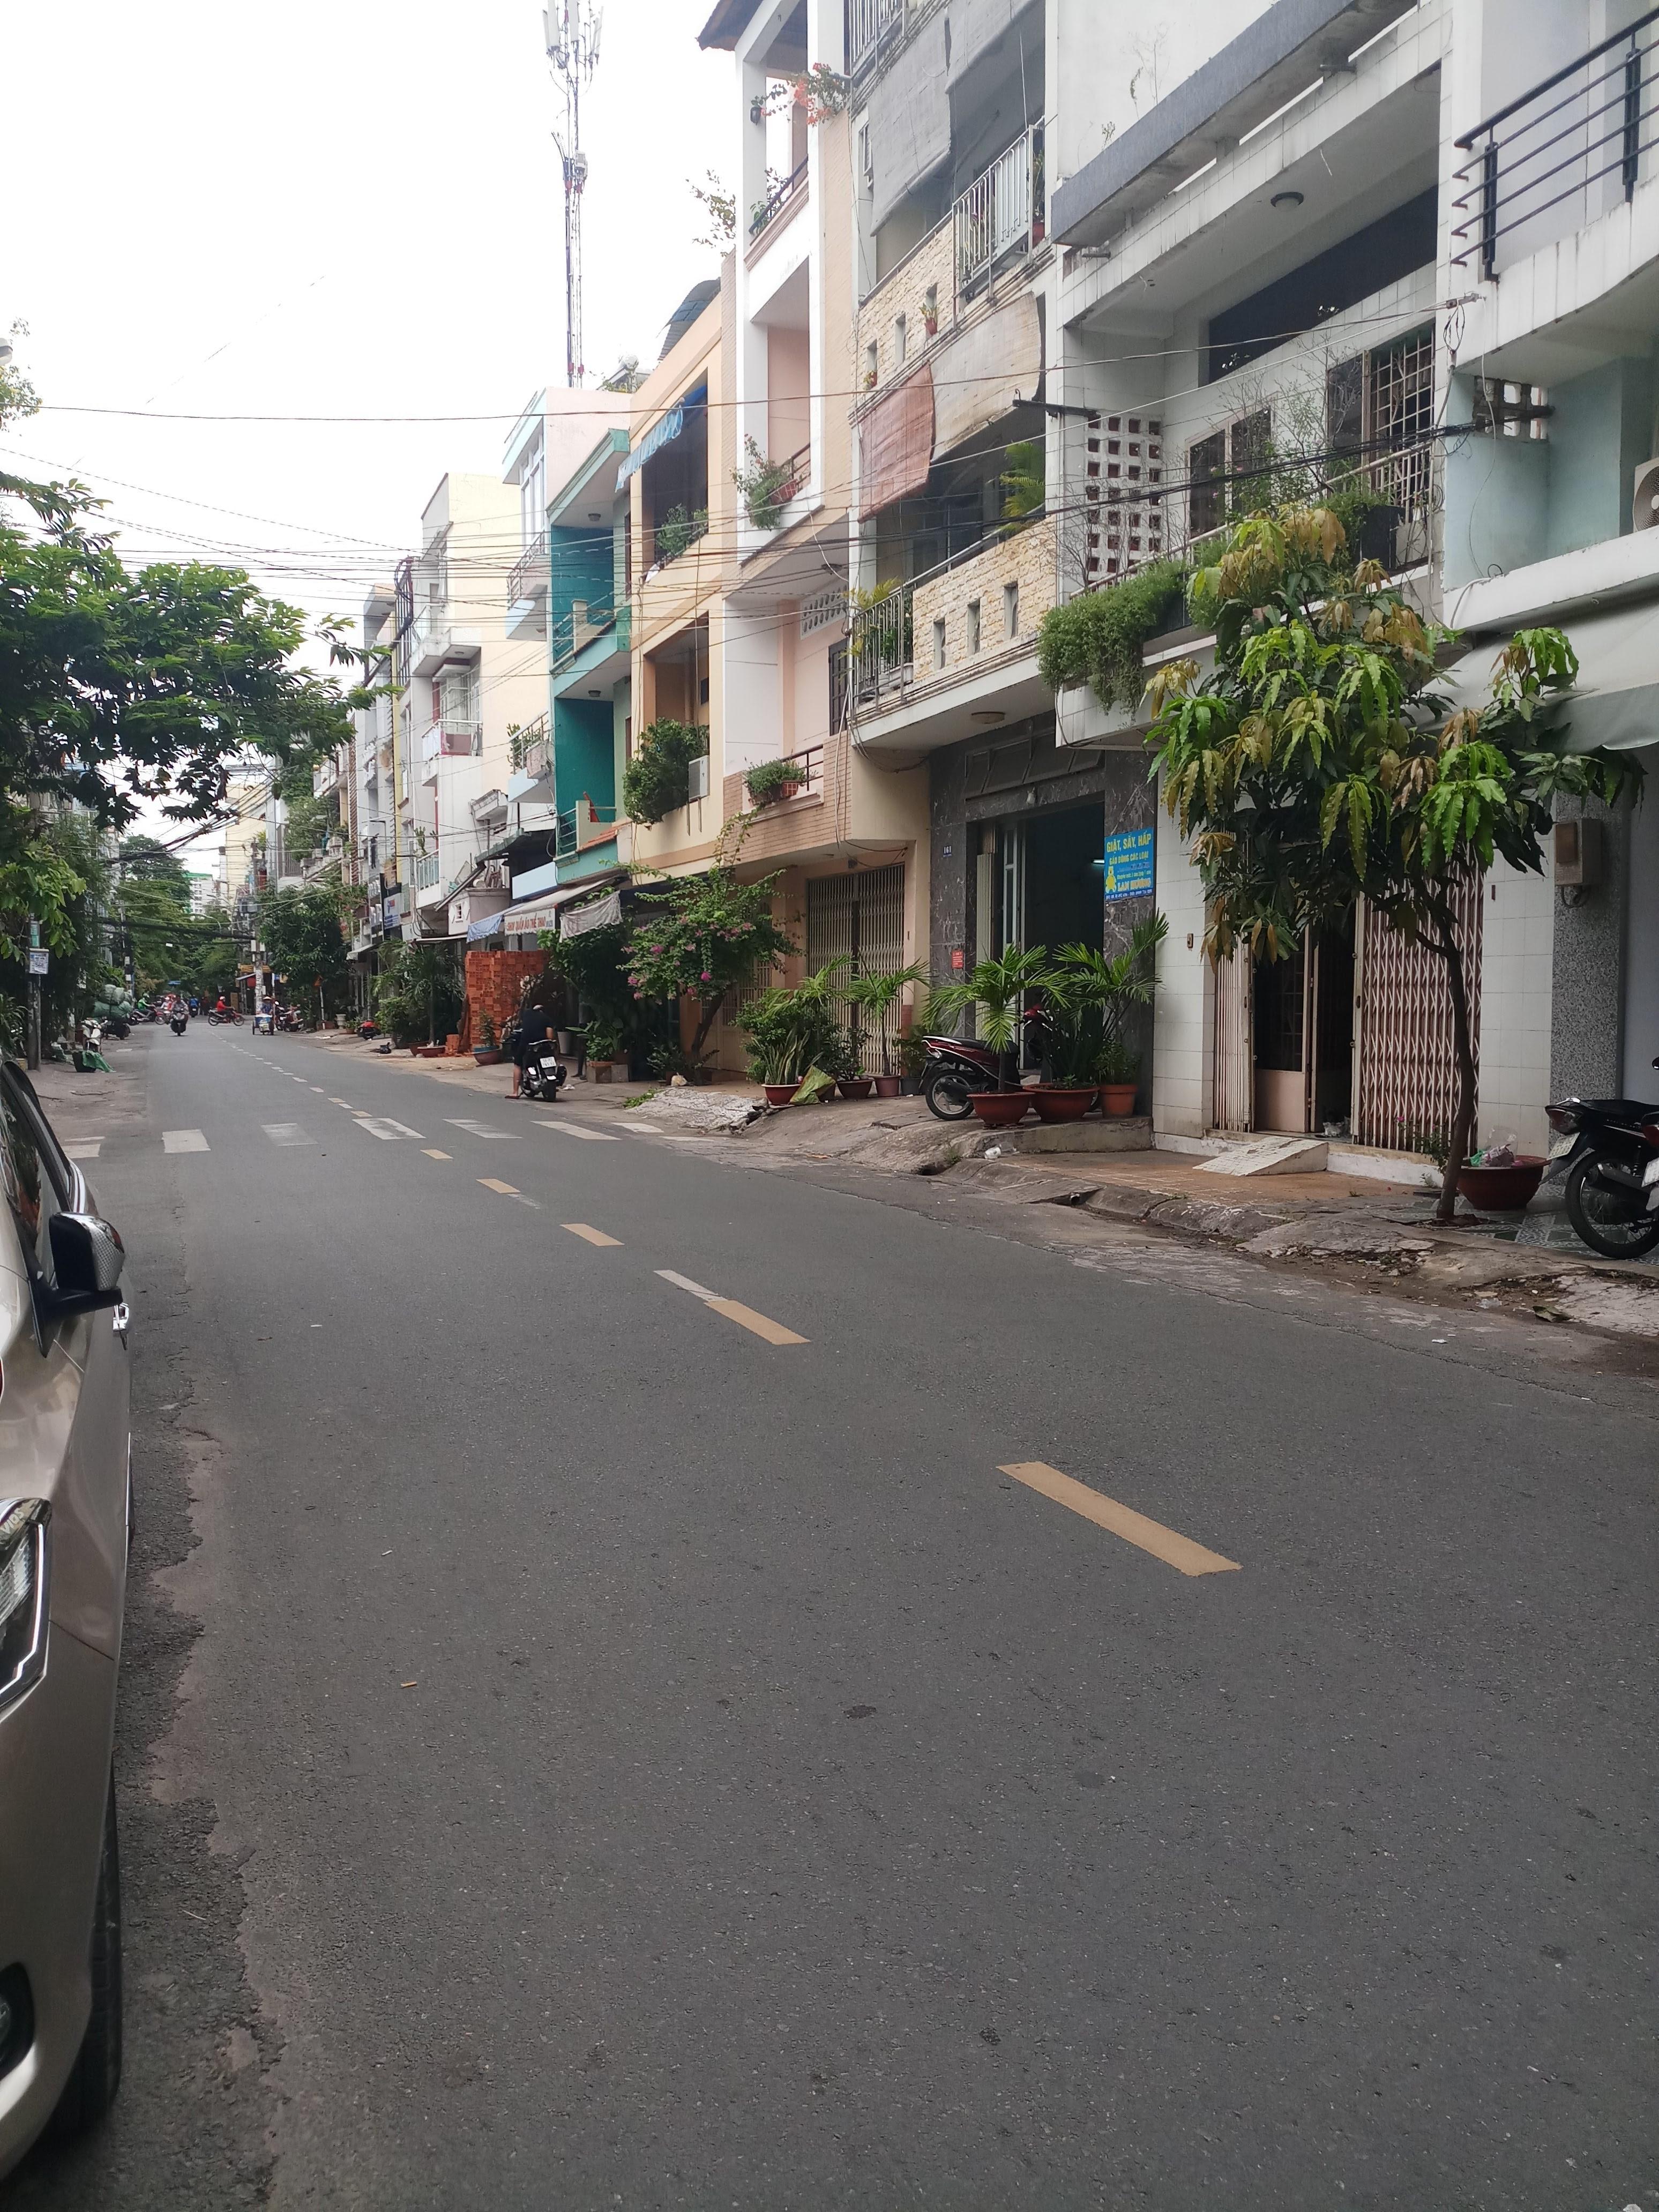 Bán biệt thự Trương Công Định, P.14, Tân Bình; 8x12m, 3 lầu mới, giá 14 tỷ